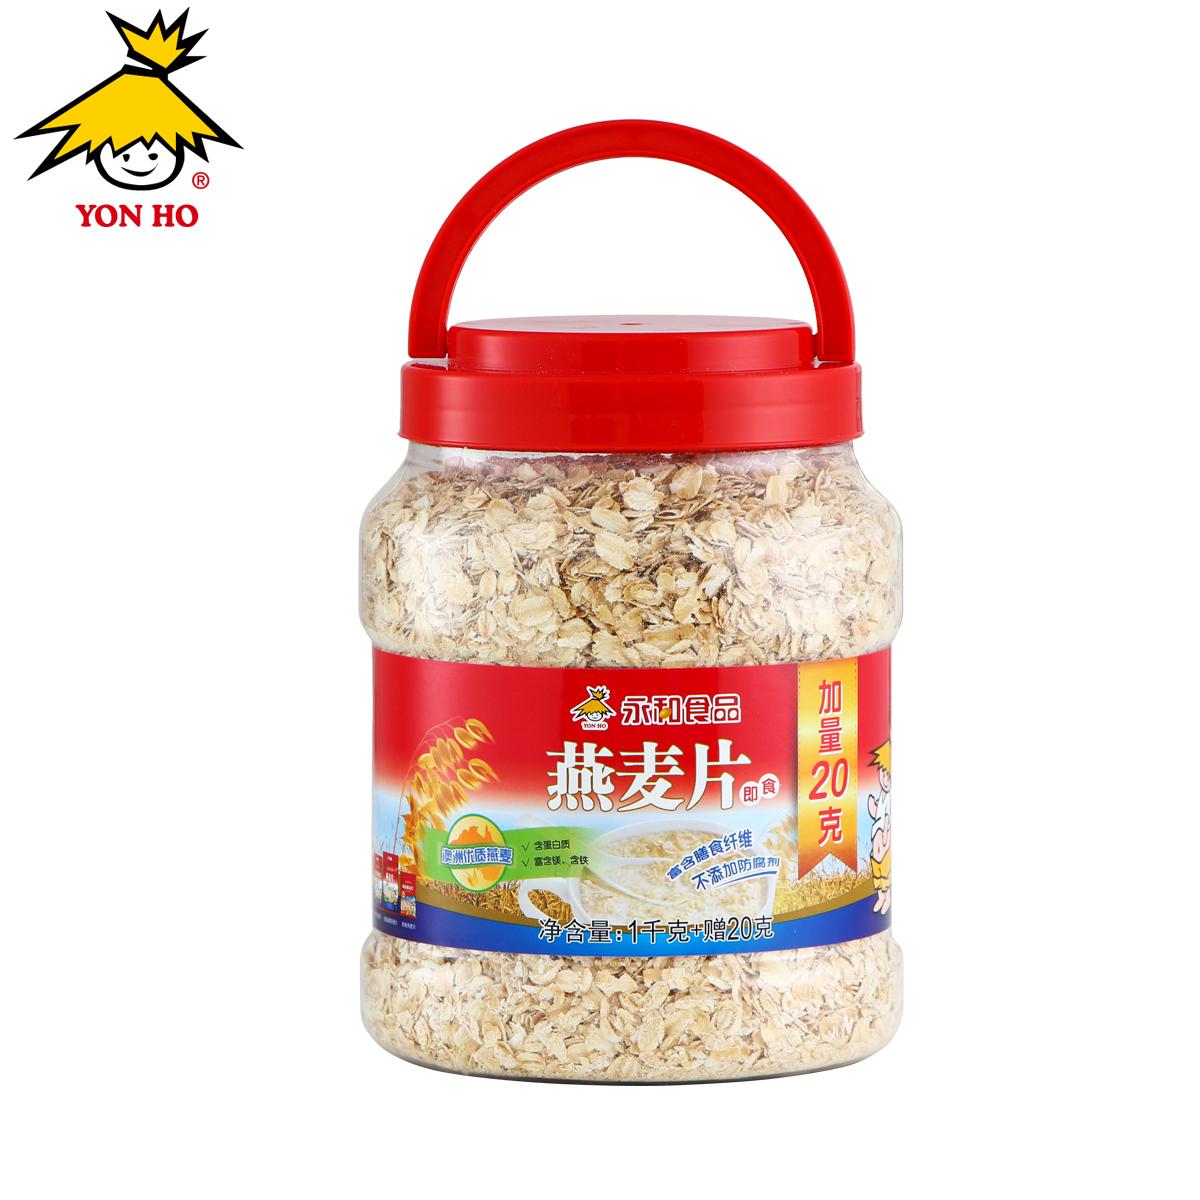 ~天貓超市~永和食品即食燕麥片1020g 桶原味澳洲 燕麥